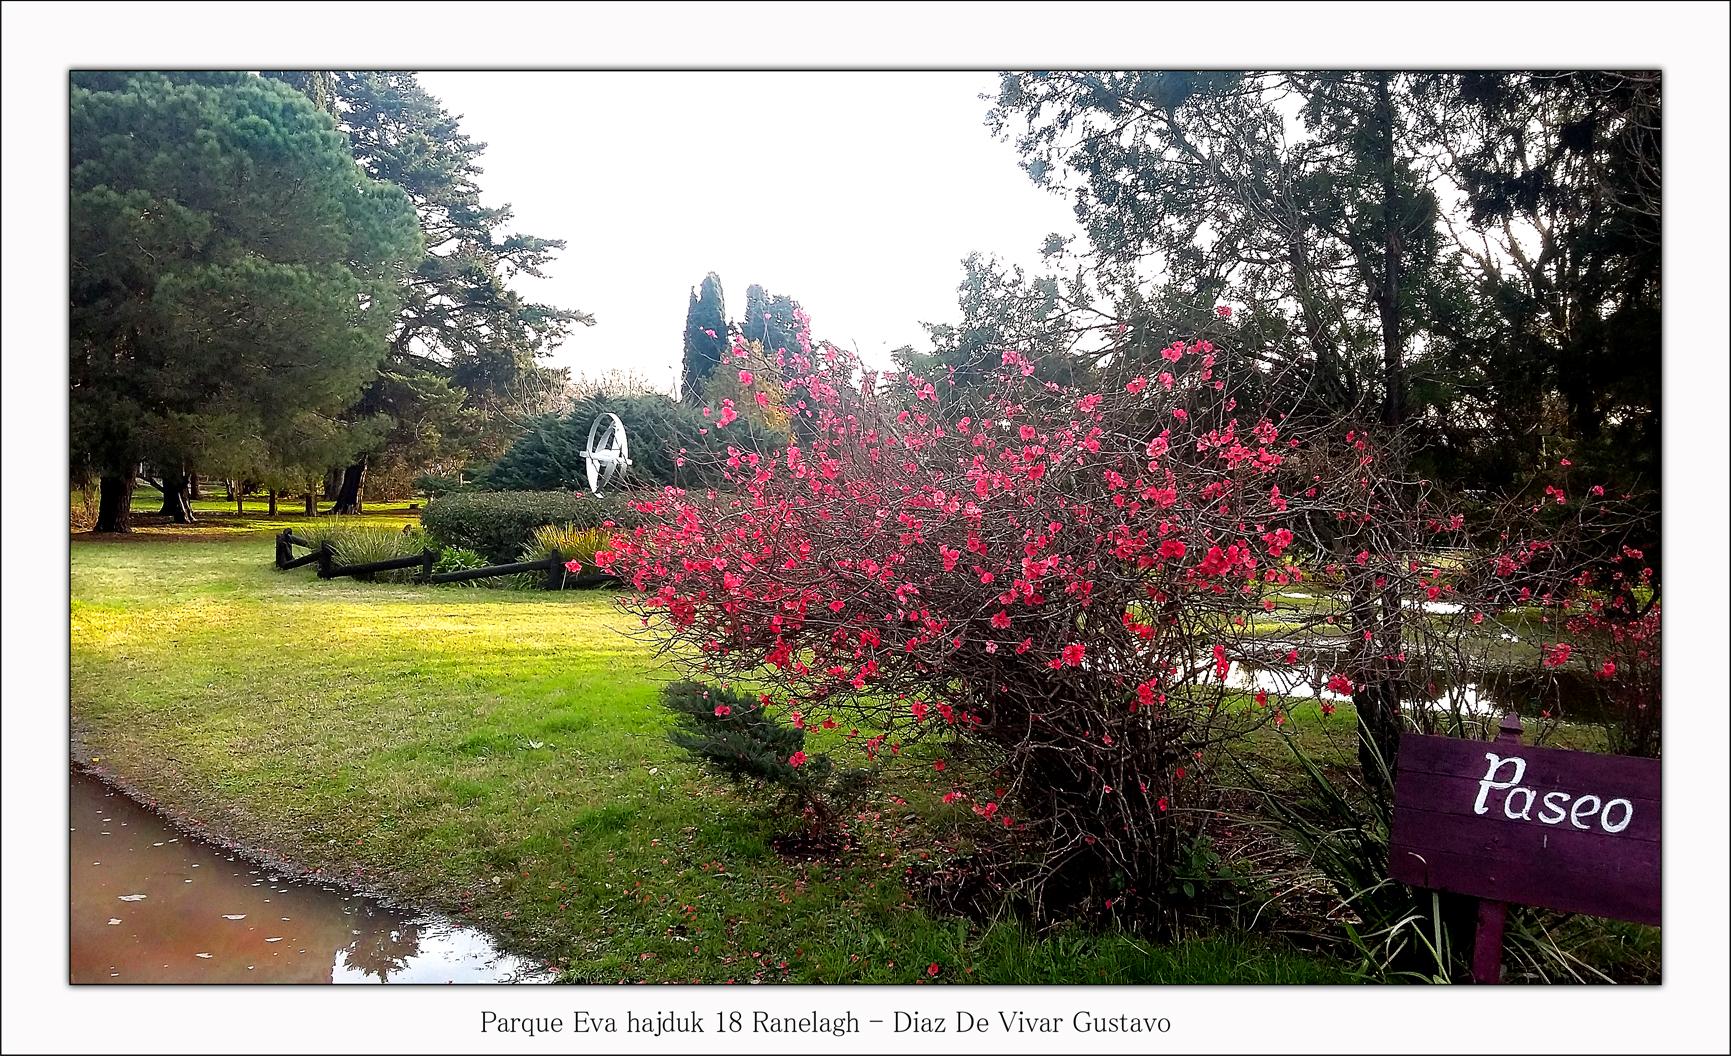 Parque Eva hajduk 18 Ranelagh  - Diaz De Vivar Gustavo